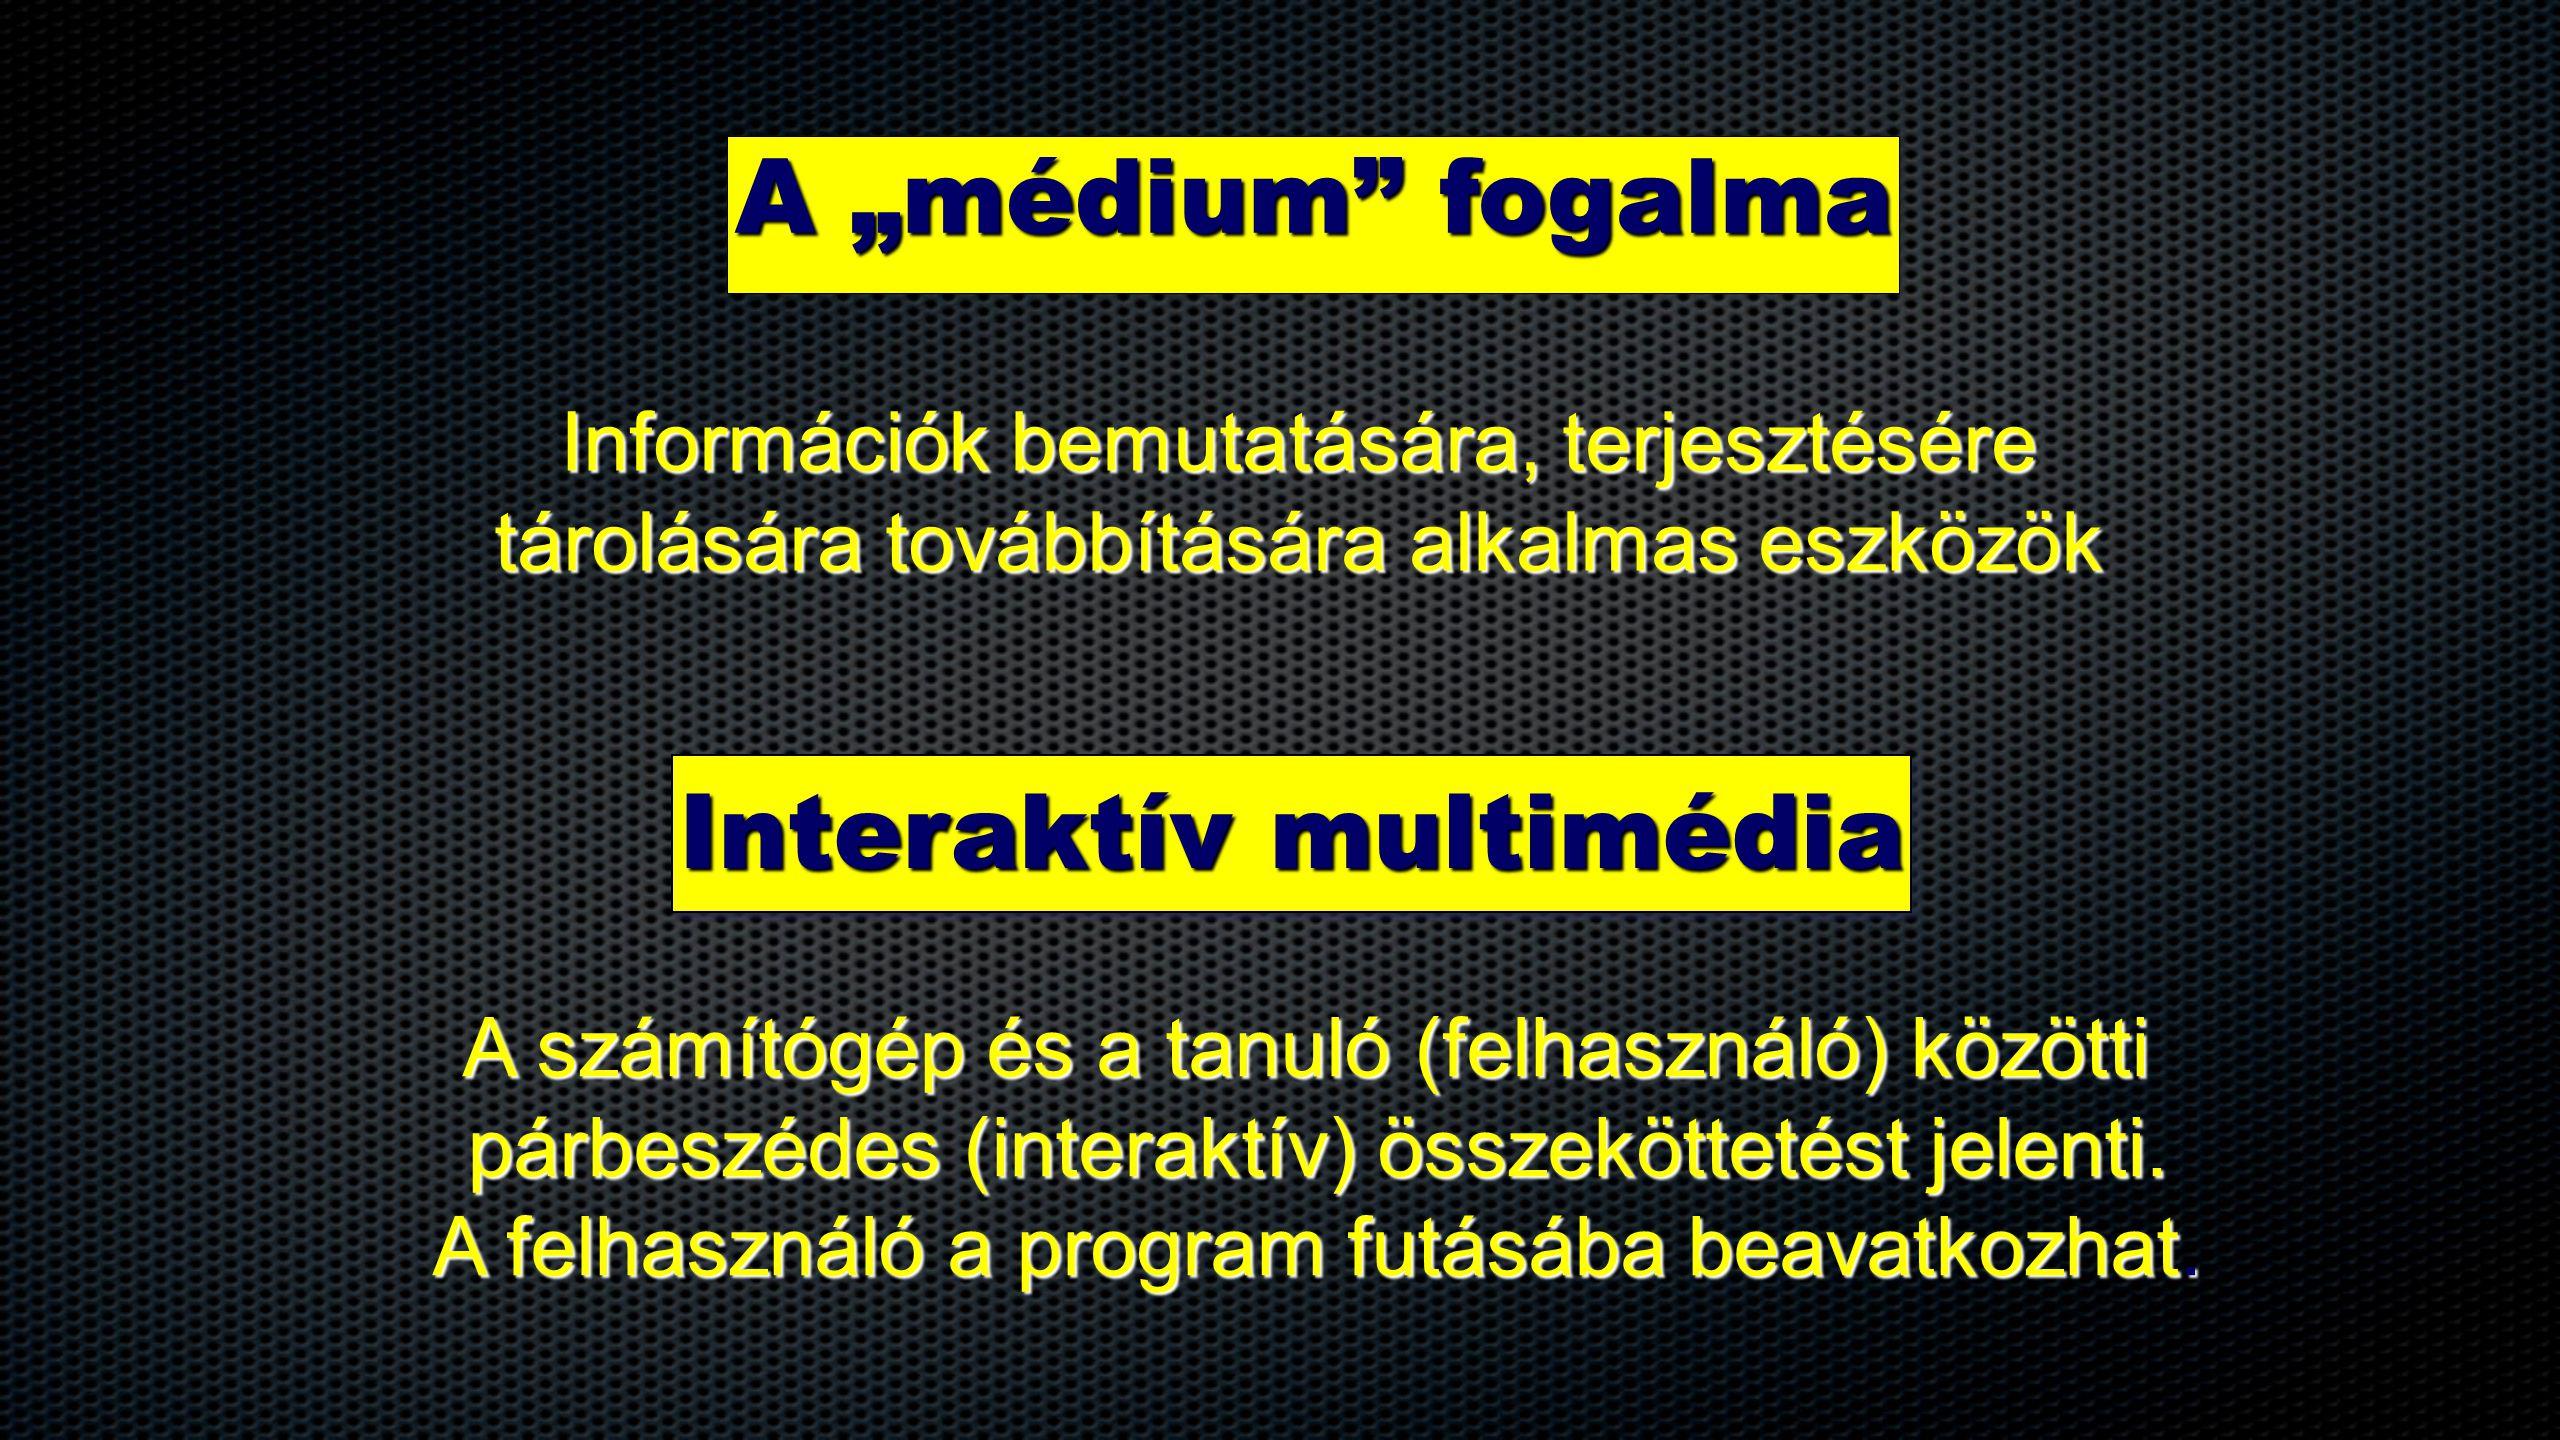 Interaktív multimédia A számítógép és a tanuló (felhasználó) közötti párbeszédes (interaktív) összeköttetést jelenti.